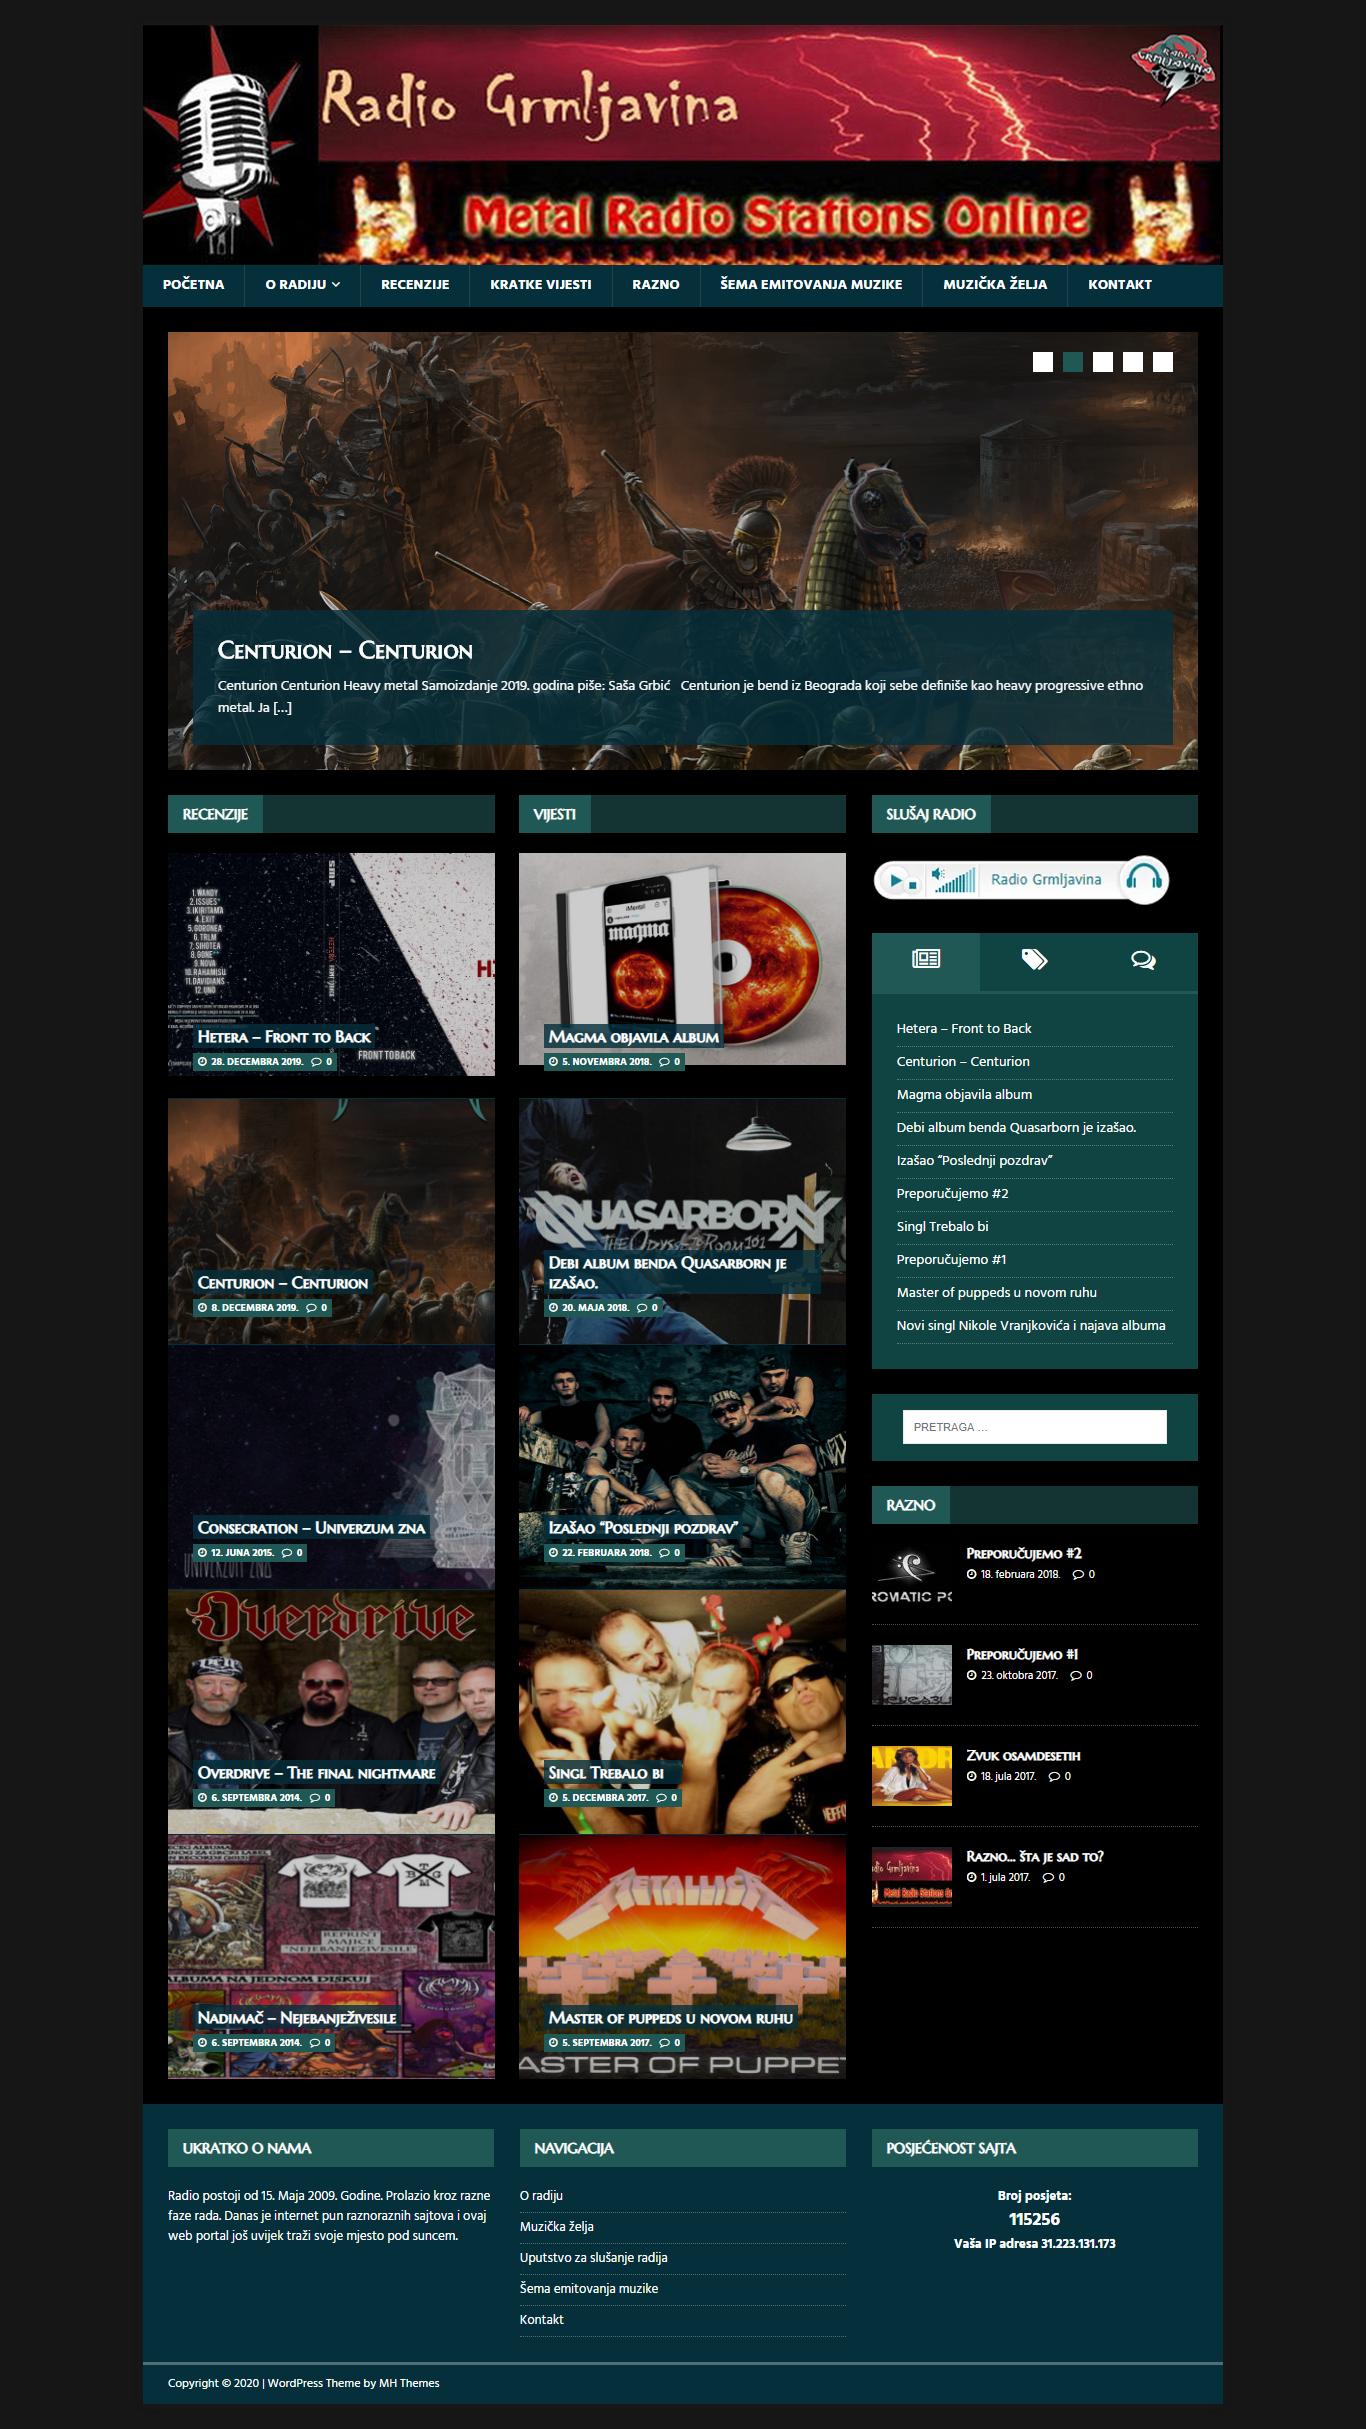 screencapture-grmljavina-net-2020-06-15-16_22_26